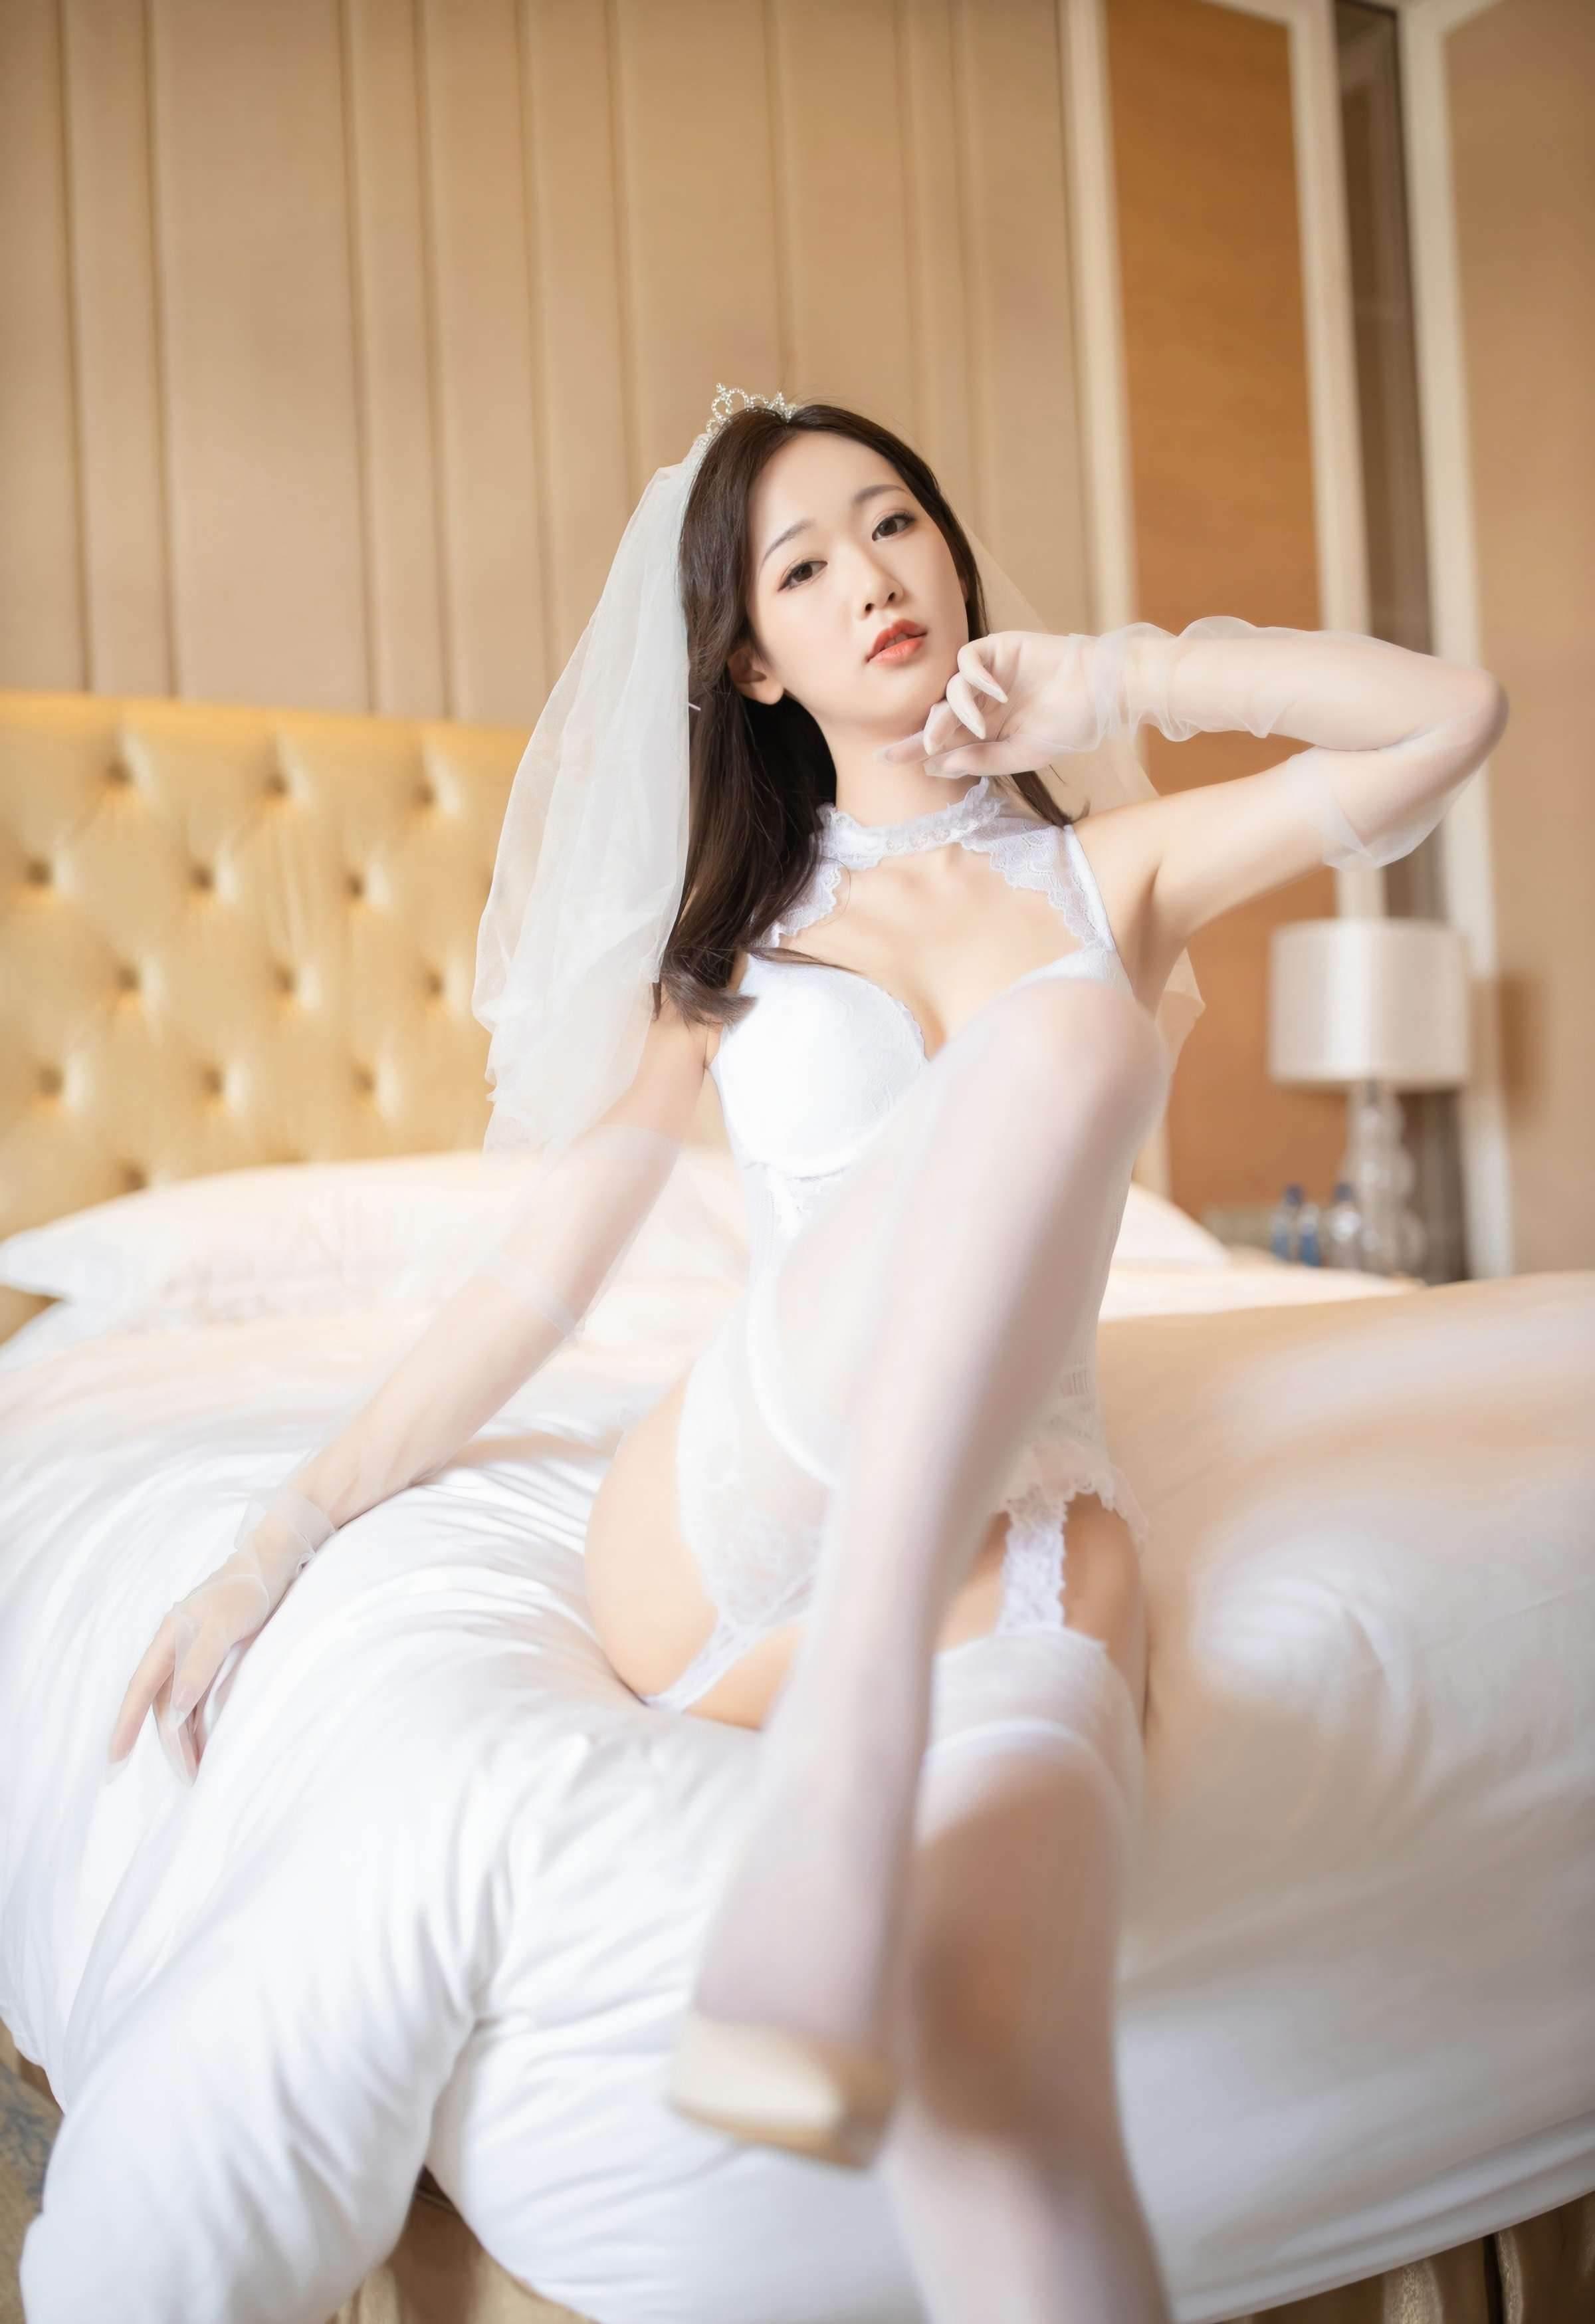 第23期拍摄婚纱唐安琪_图片2